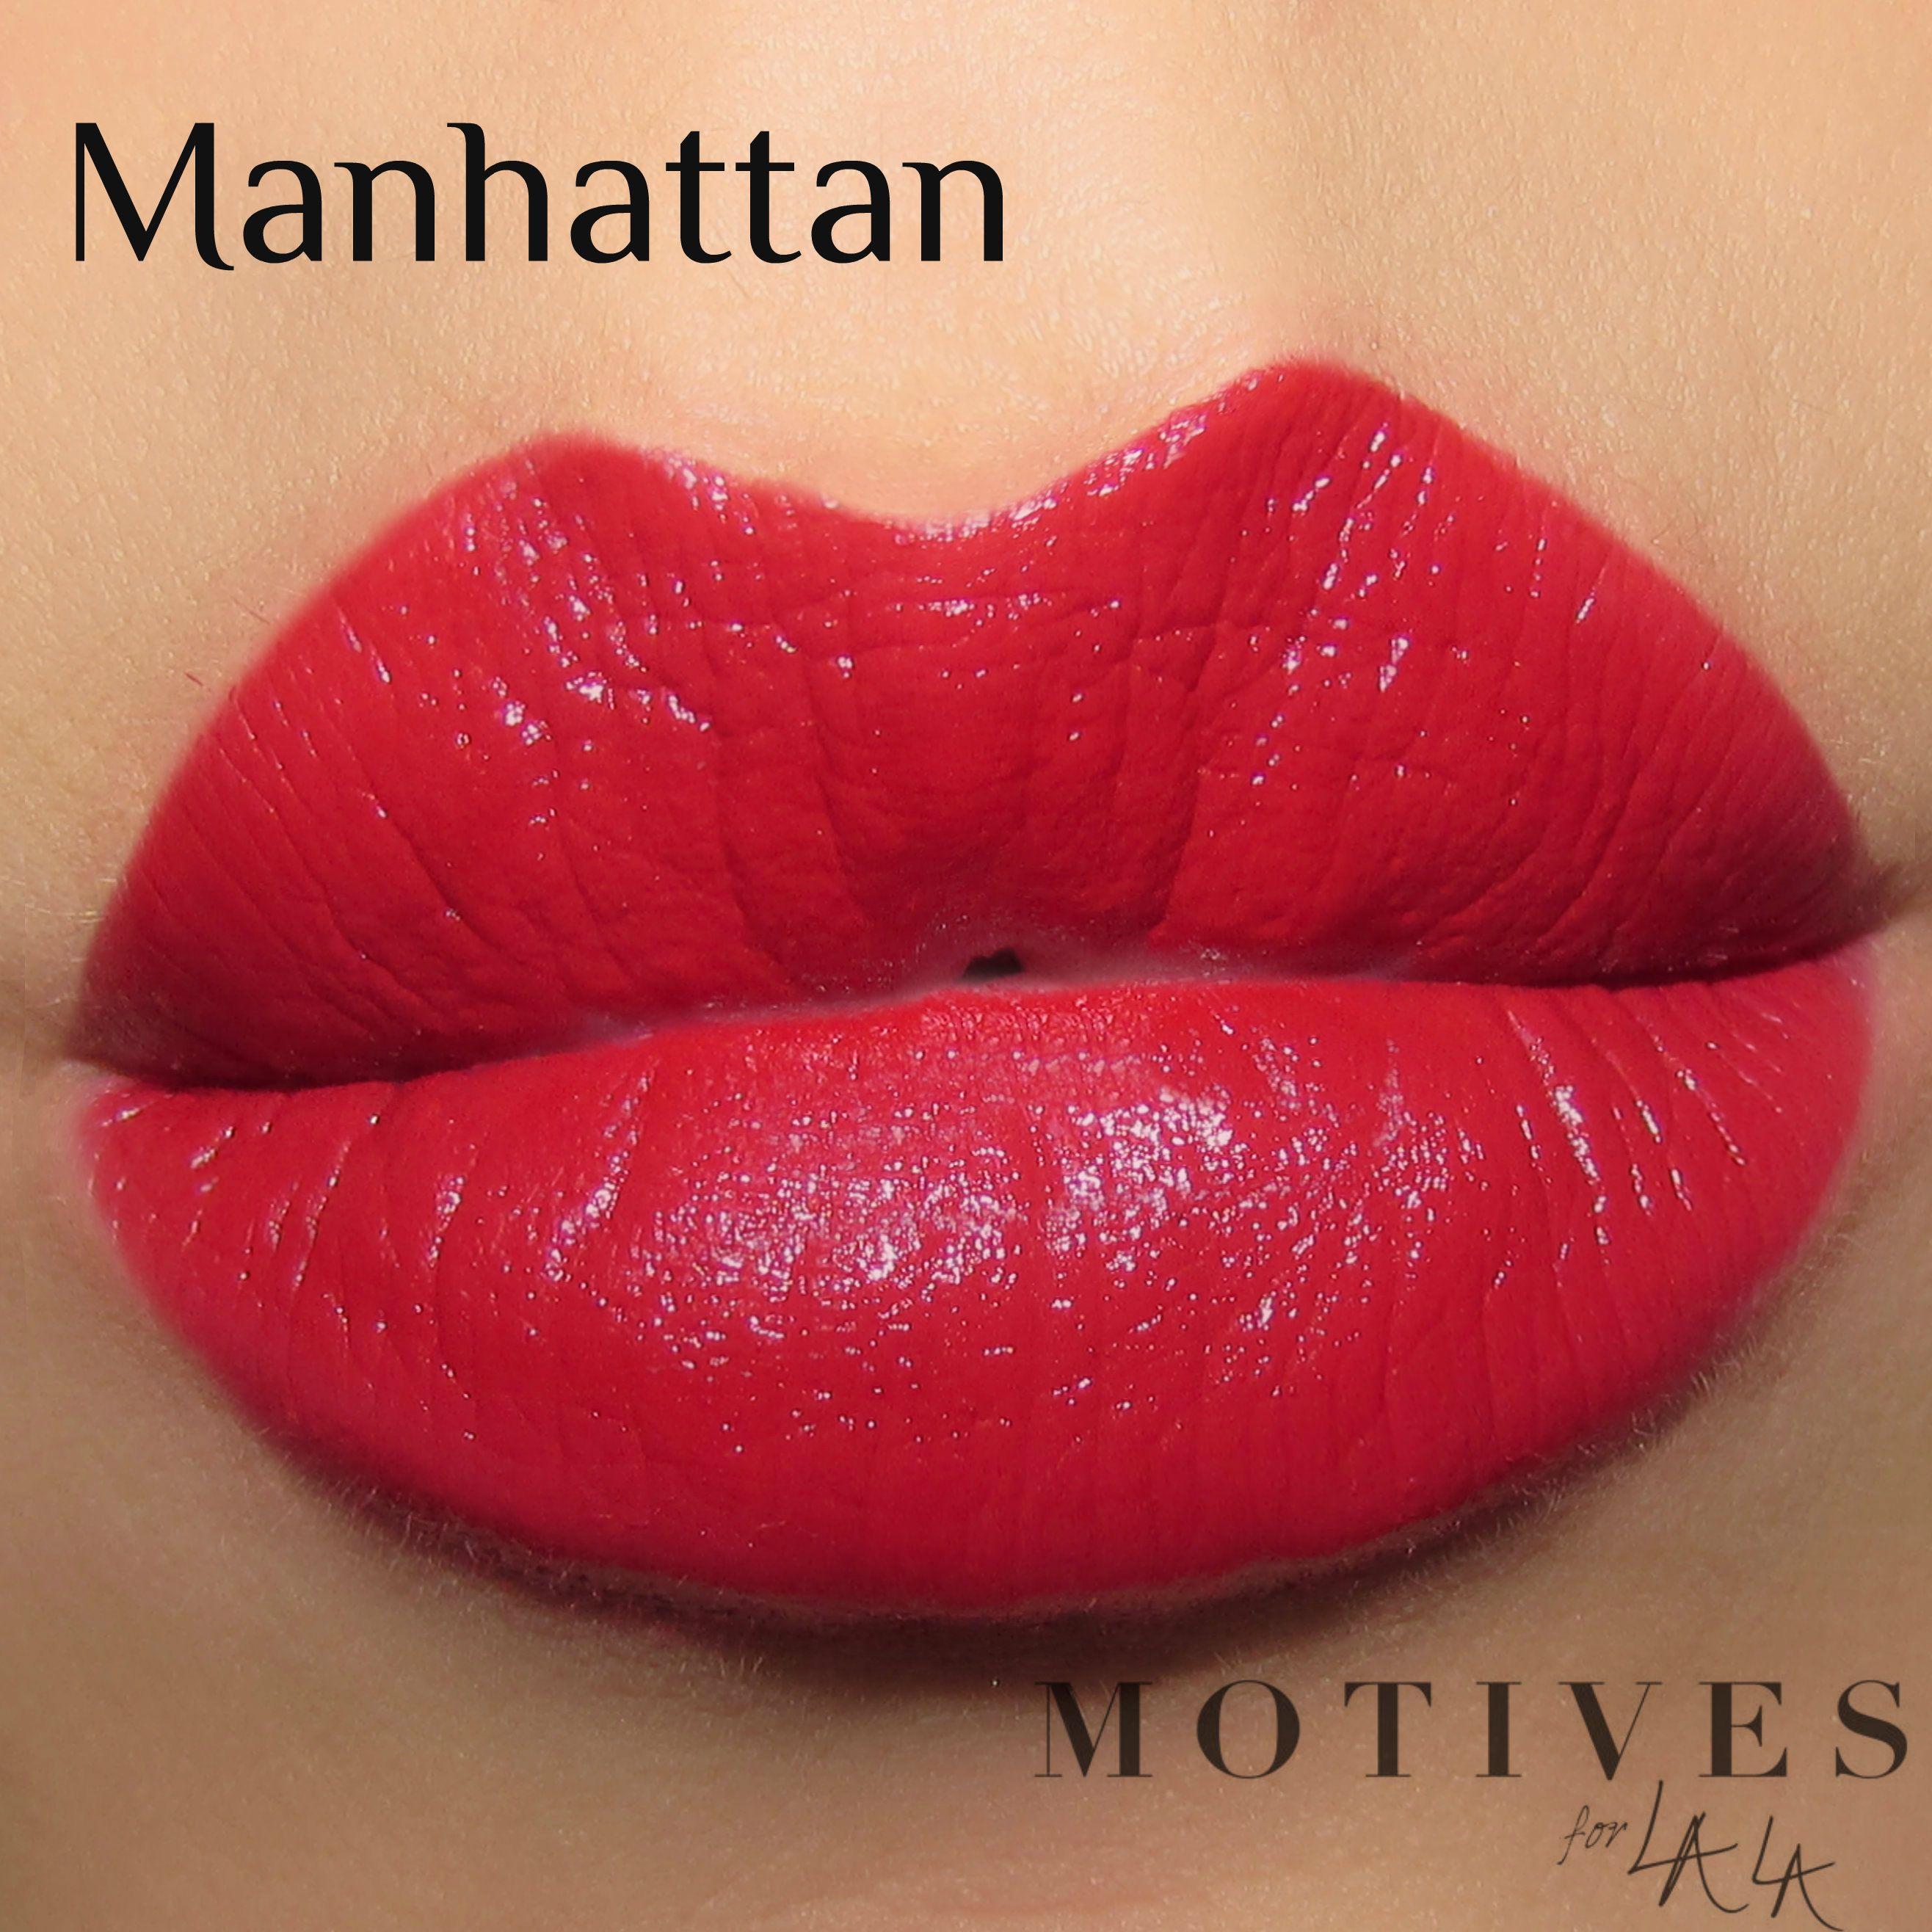 f75e38d31 Motives® for La La Mineral Lipstick in Manhattan